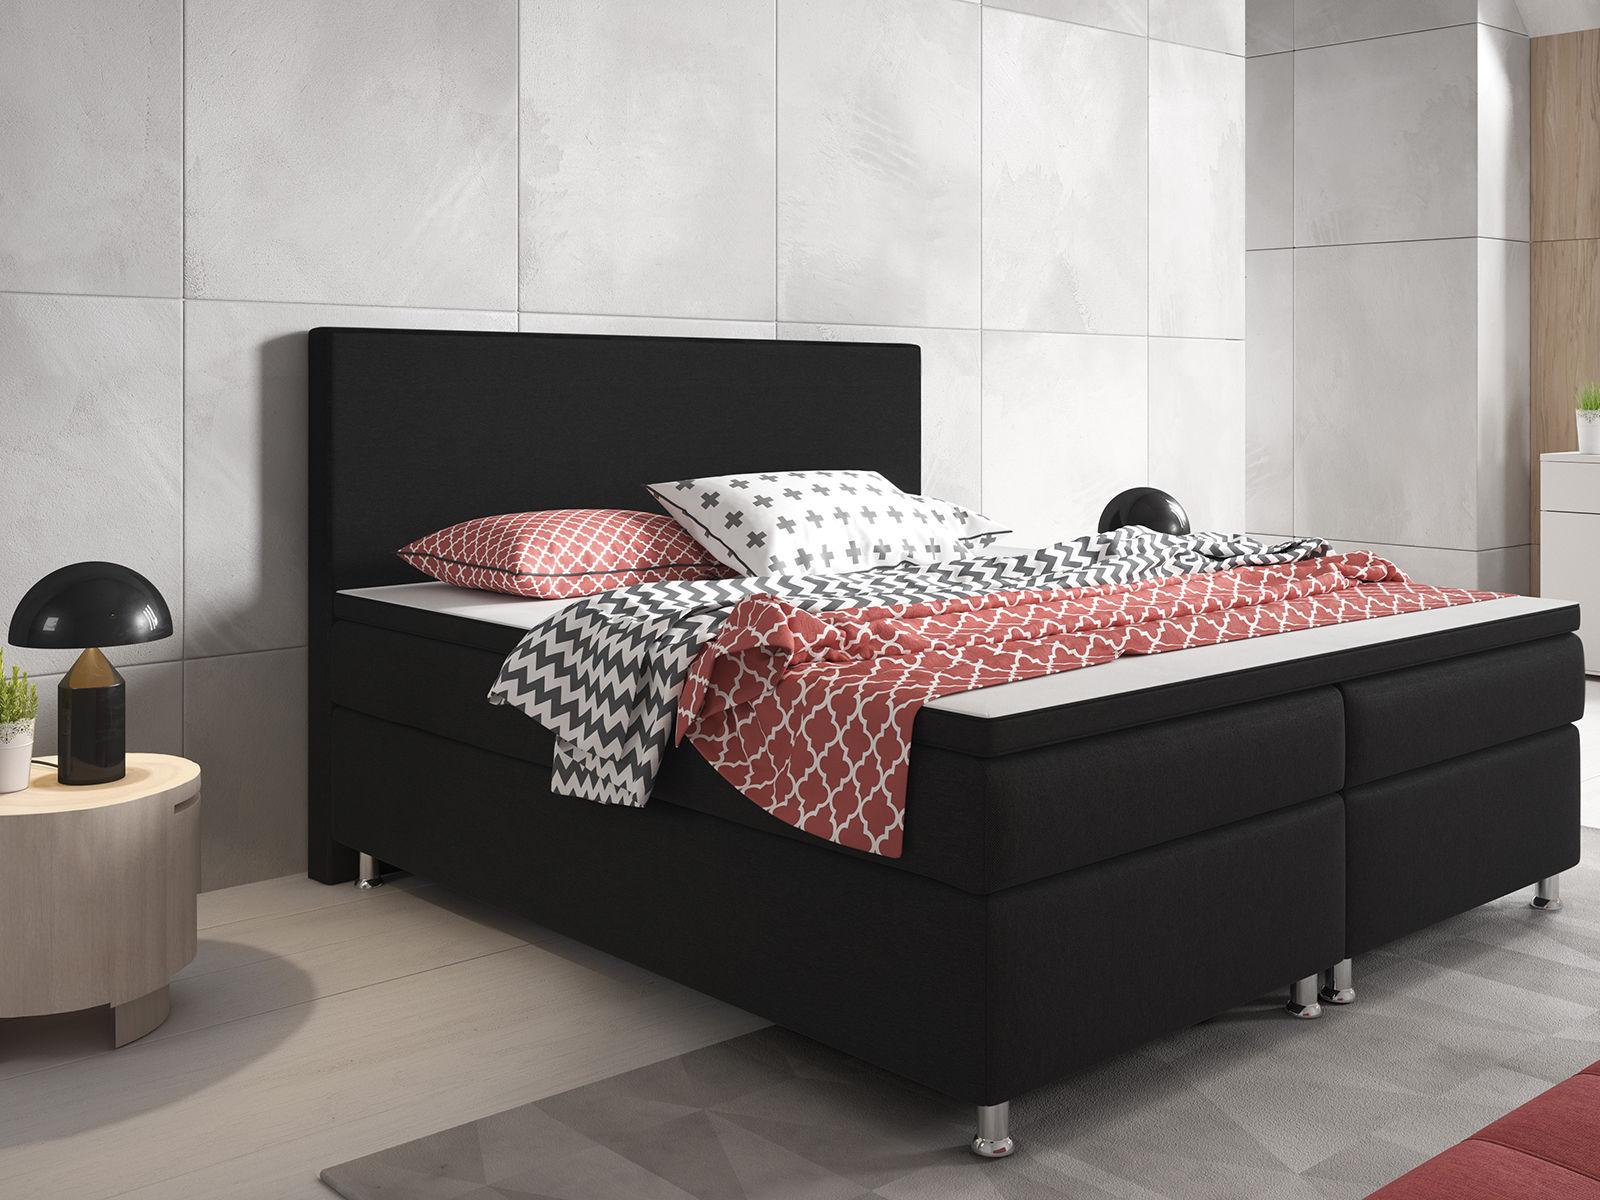 Boxspringbett Berlin Bett Hotelbett Designerbett 180x200 cm Webstoff Schwarz